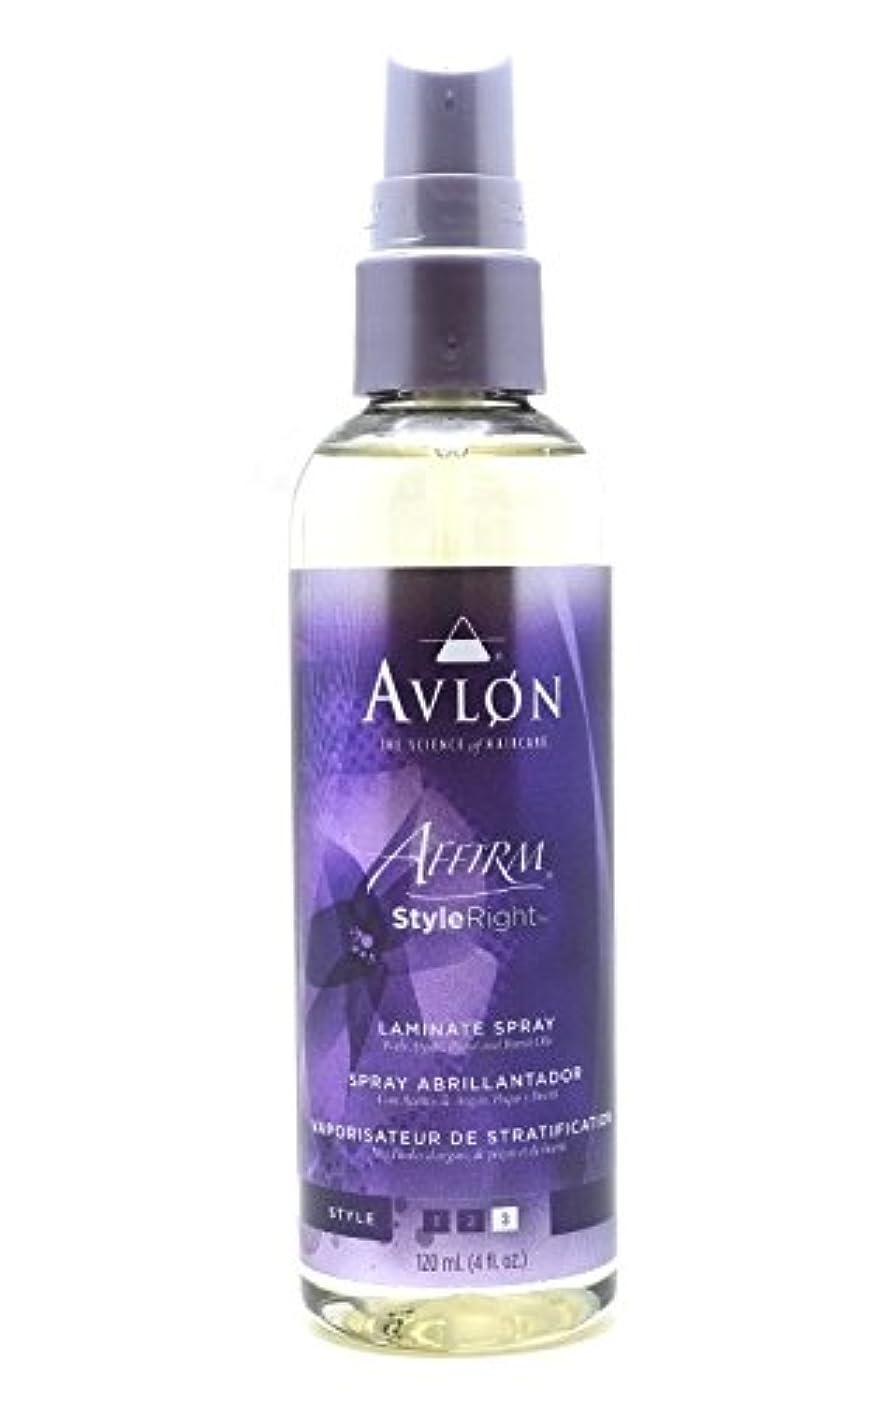 溶かすのアナニバーAvlon Hair Care アバロンアファームスタイル右ラミネートスプレー - 4.0オンス 4オンス